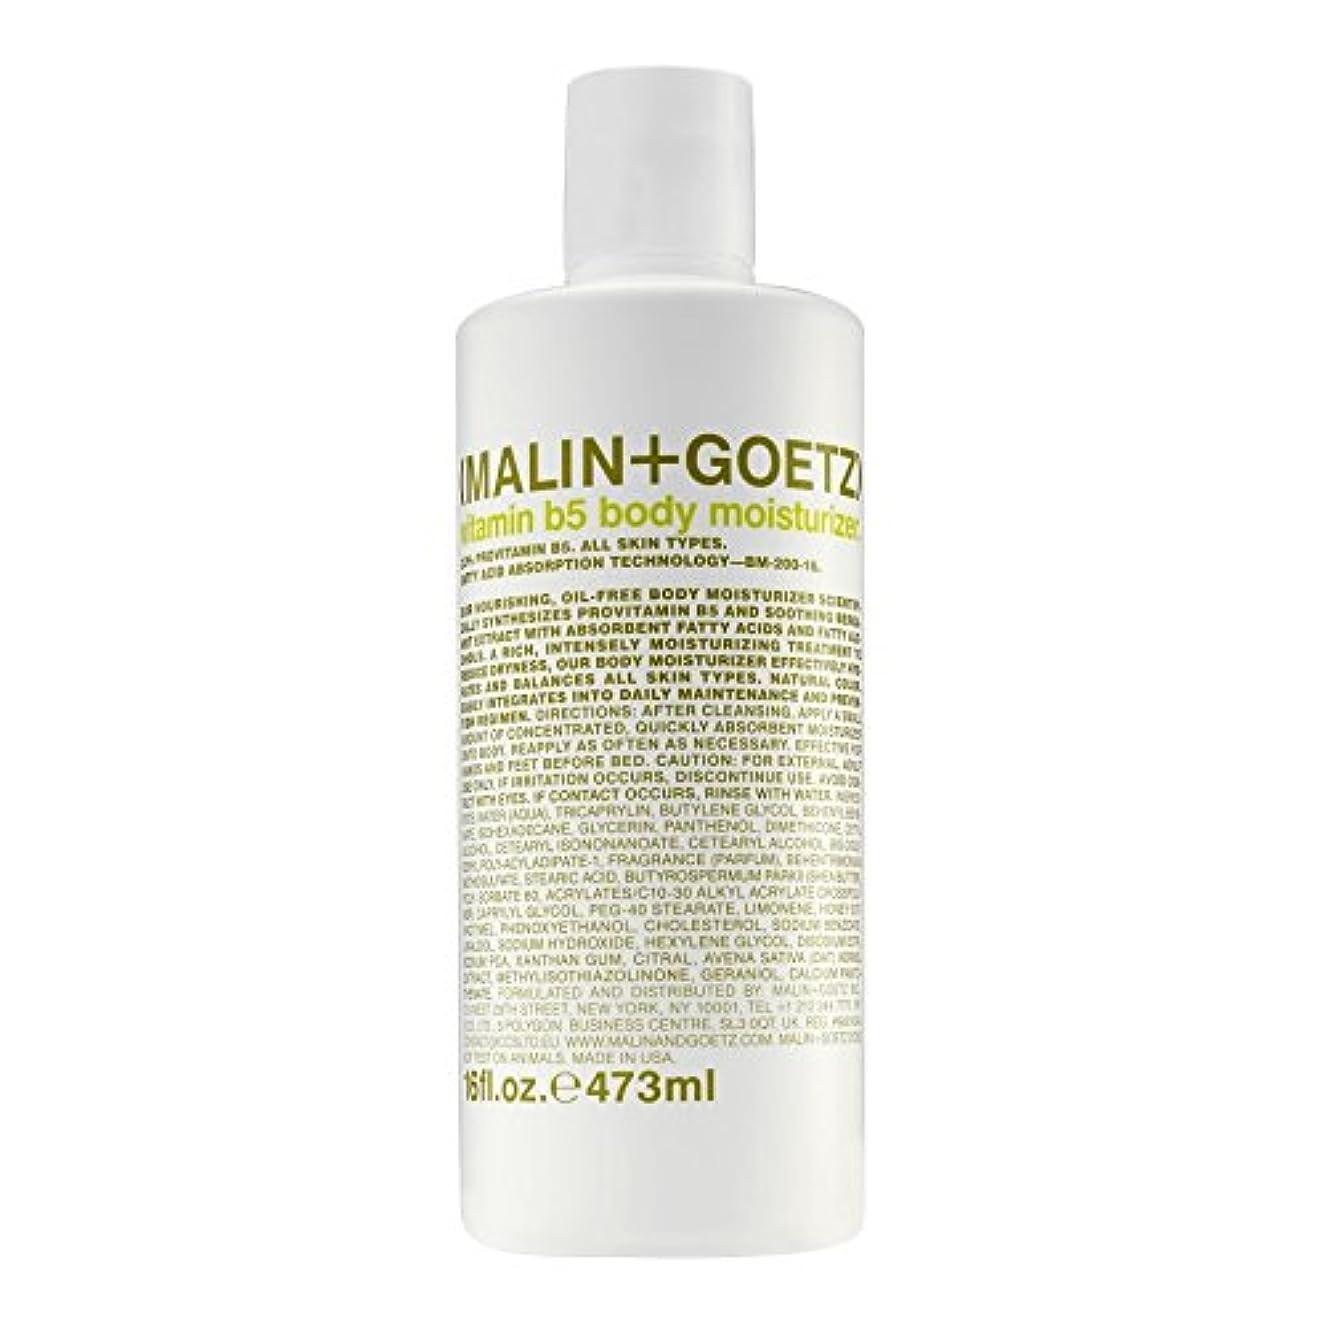 粒アカデミー常習的MALIN+GOETZ Vitamin B5 Body Moisturiser 473ml (Pack of 6) - マリン+ゲッツビタミン5ボディモイスチャライザーの473ミリリットル x6 [並行輸入品]